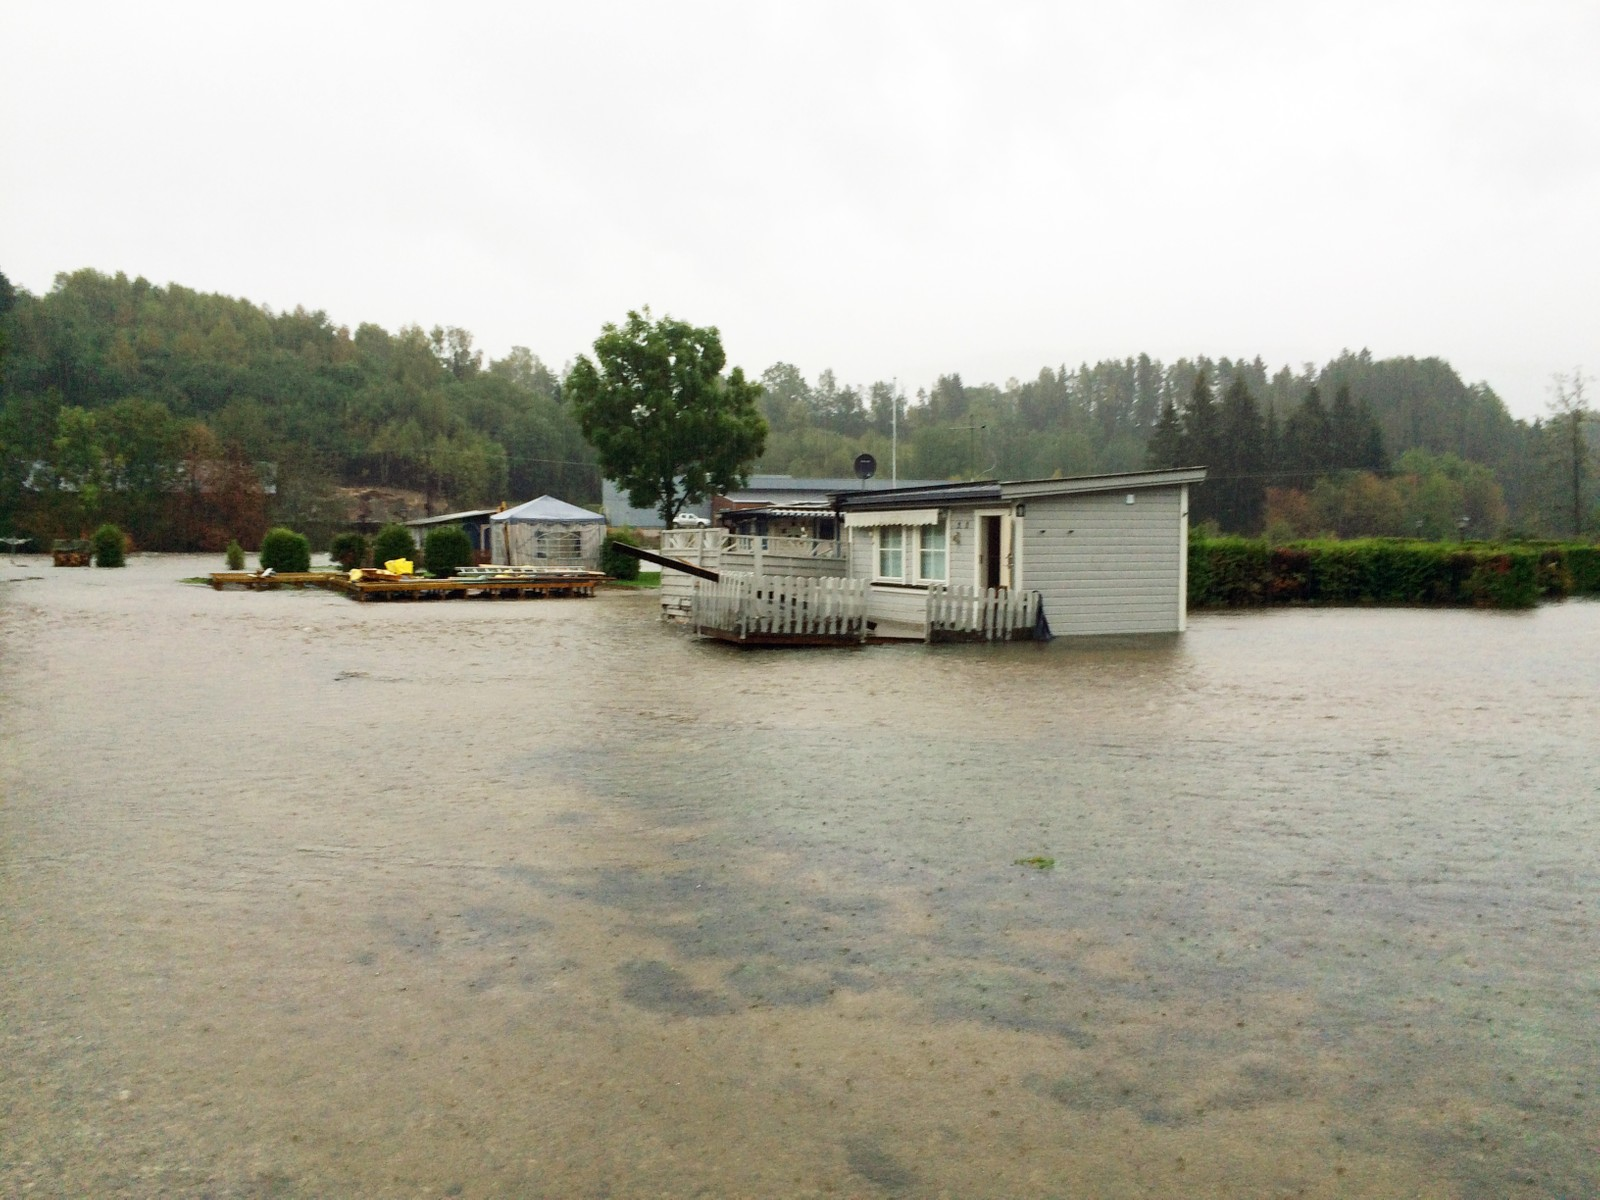 Åsgrav familiecamping i Bø er fullstendig oversvømt.